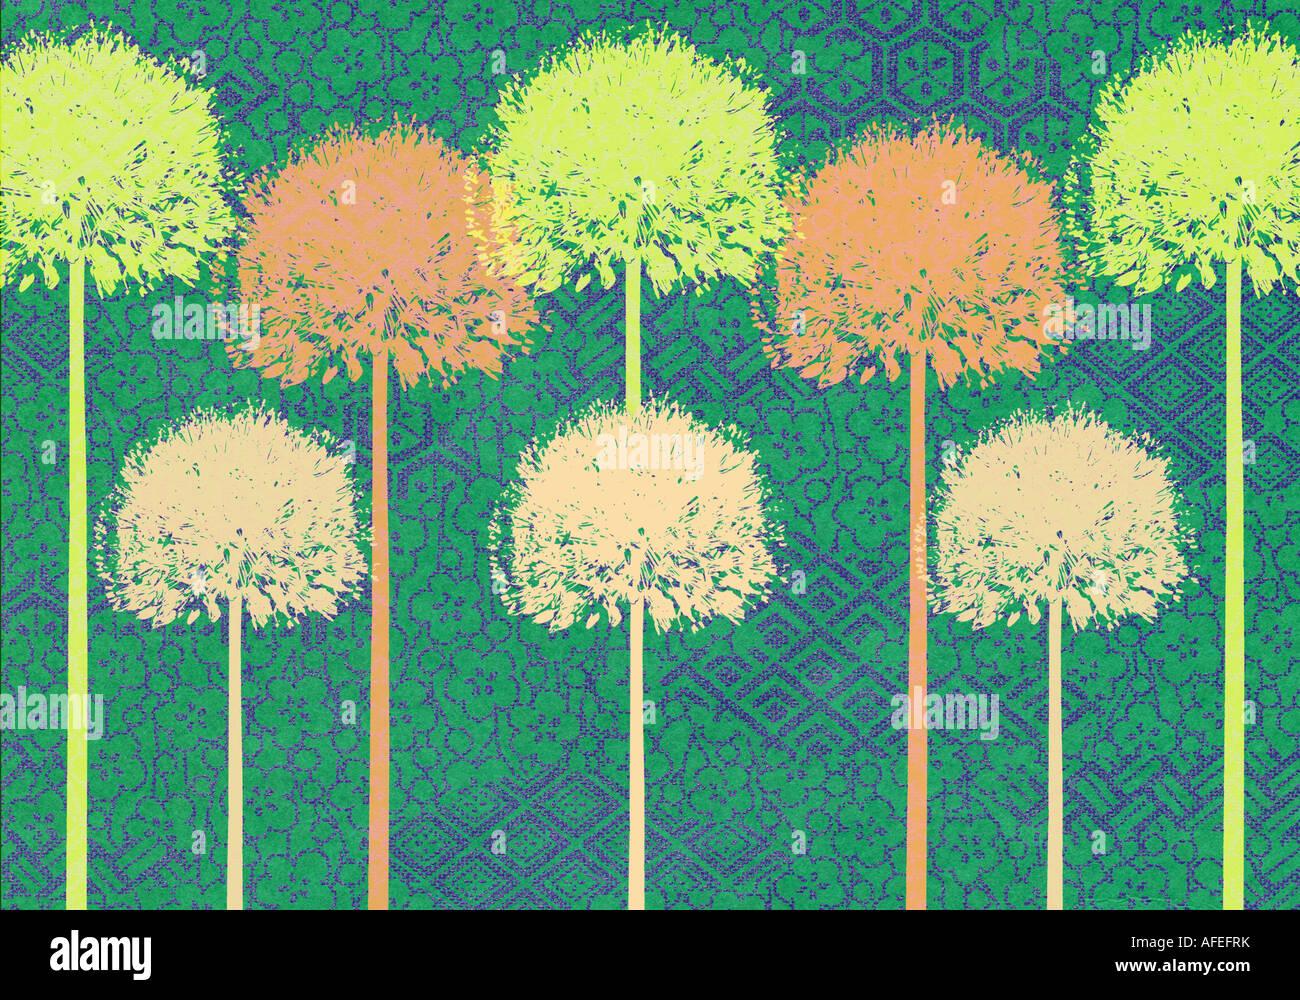 Paso y repetición ilustración de Alliums Imagen De Stock